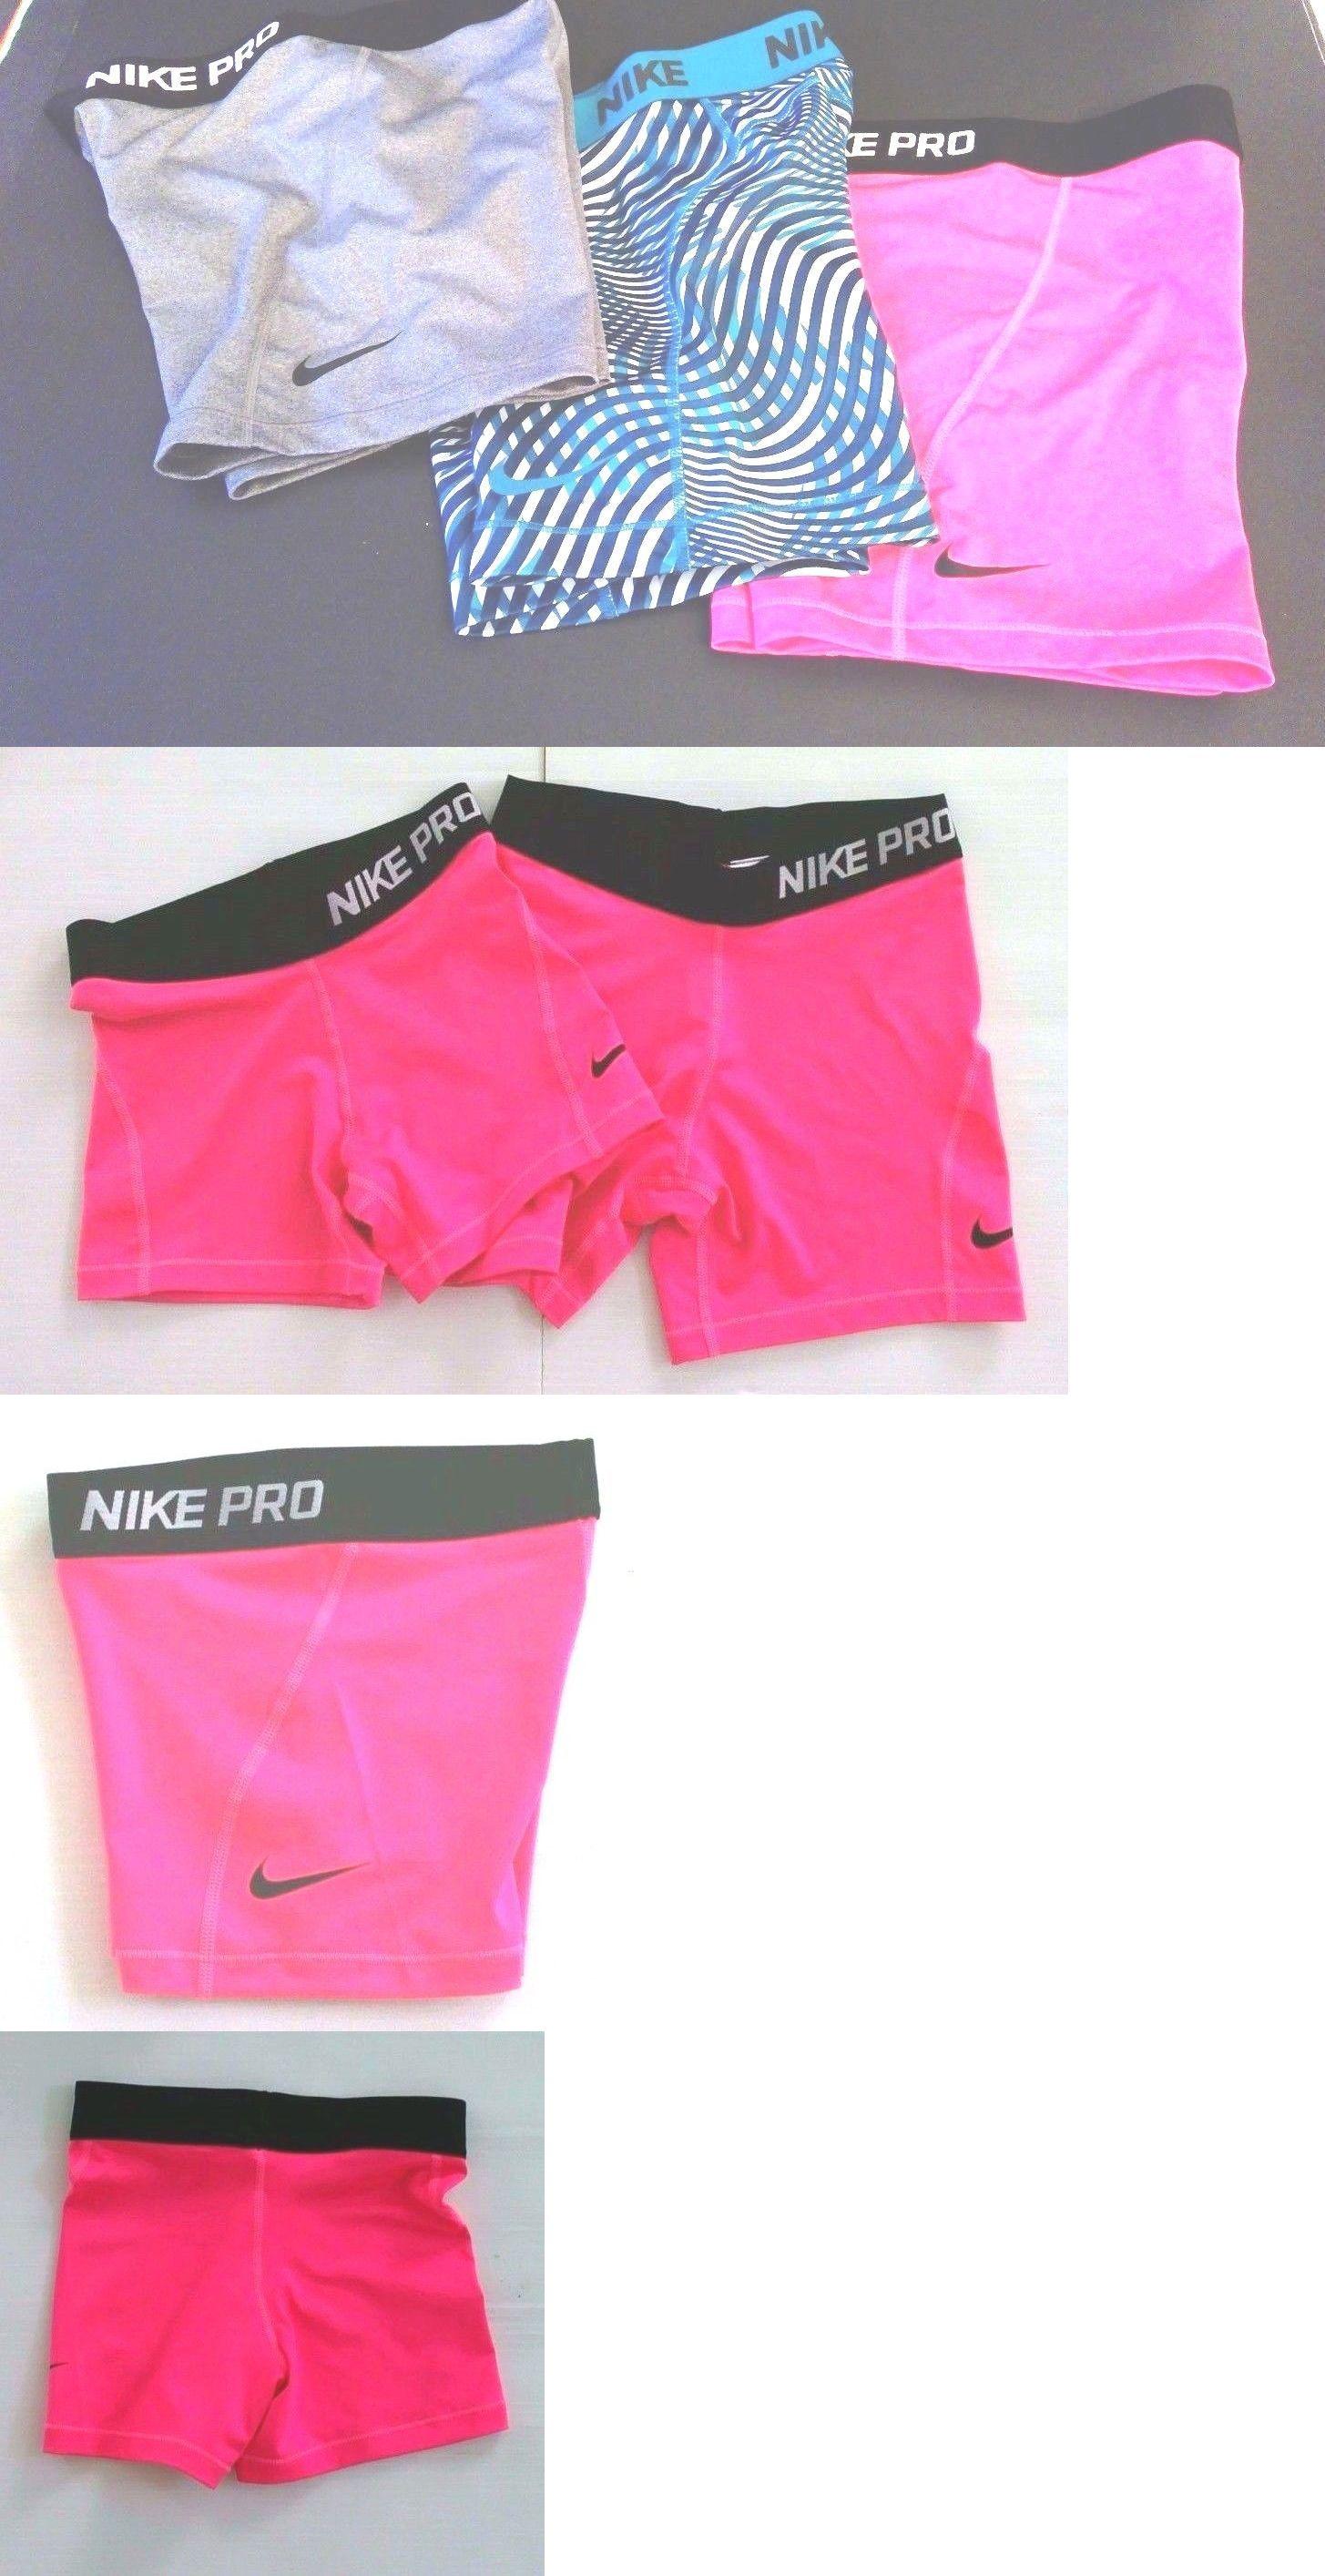 0e37f60ee2e6c Shorts 15648: Girls Size Xs,L,Xl Nike Pro Dri Fit Running ...